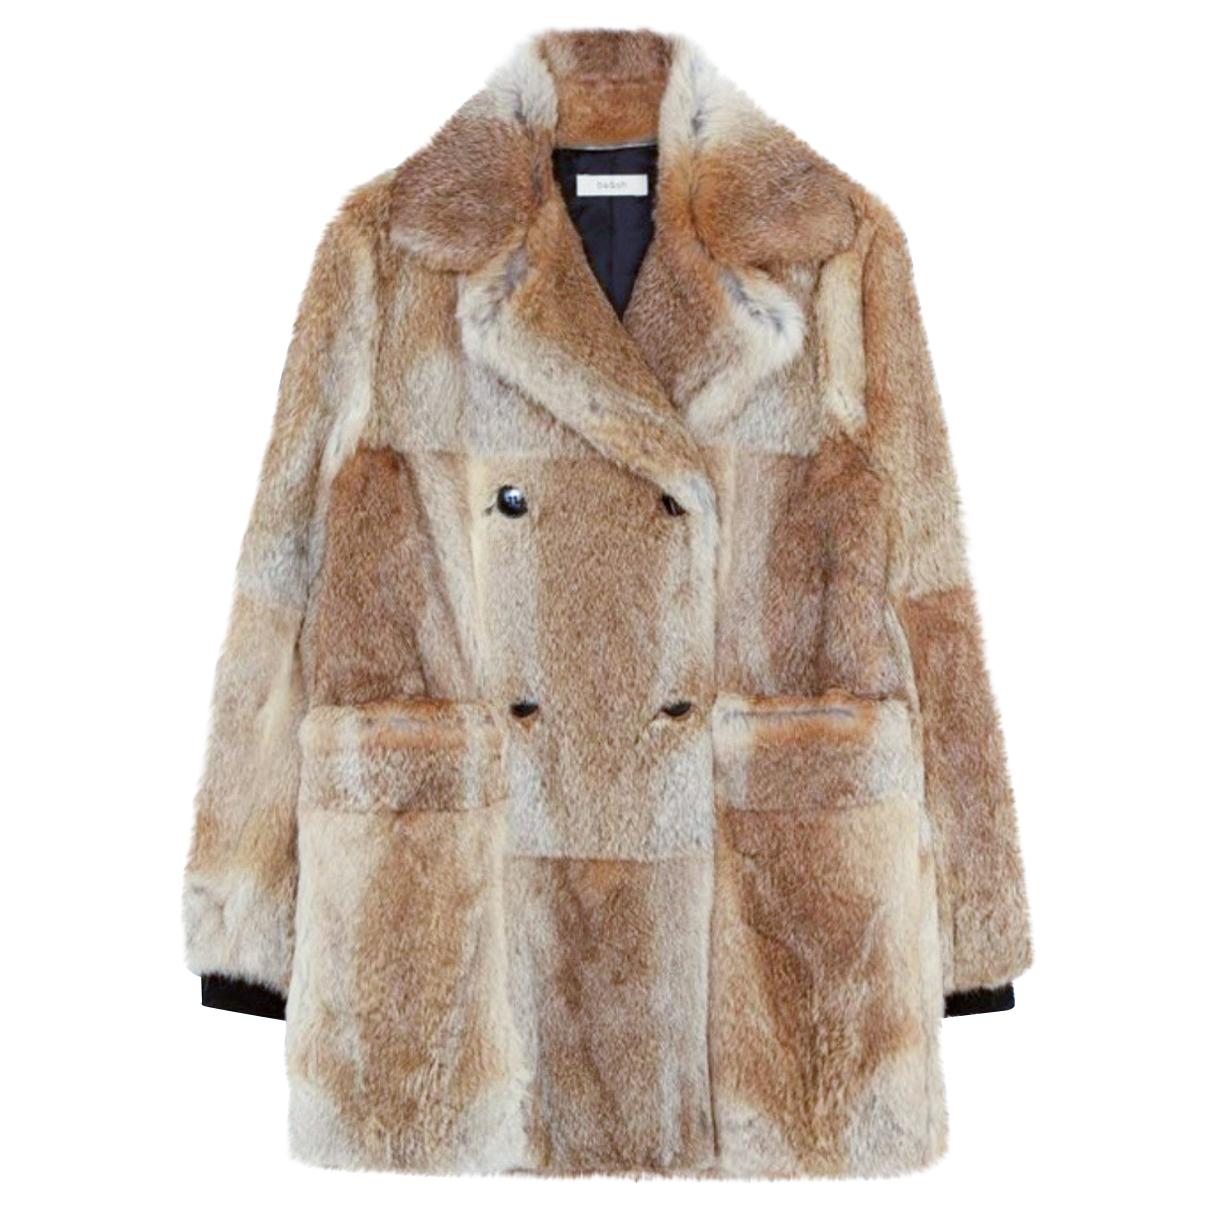 Ba&sh - Manteau Fall Winter 2019 pour femme en lapin - multicolore